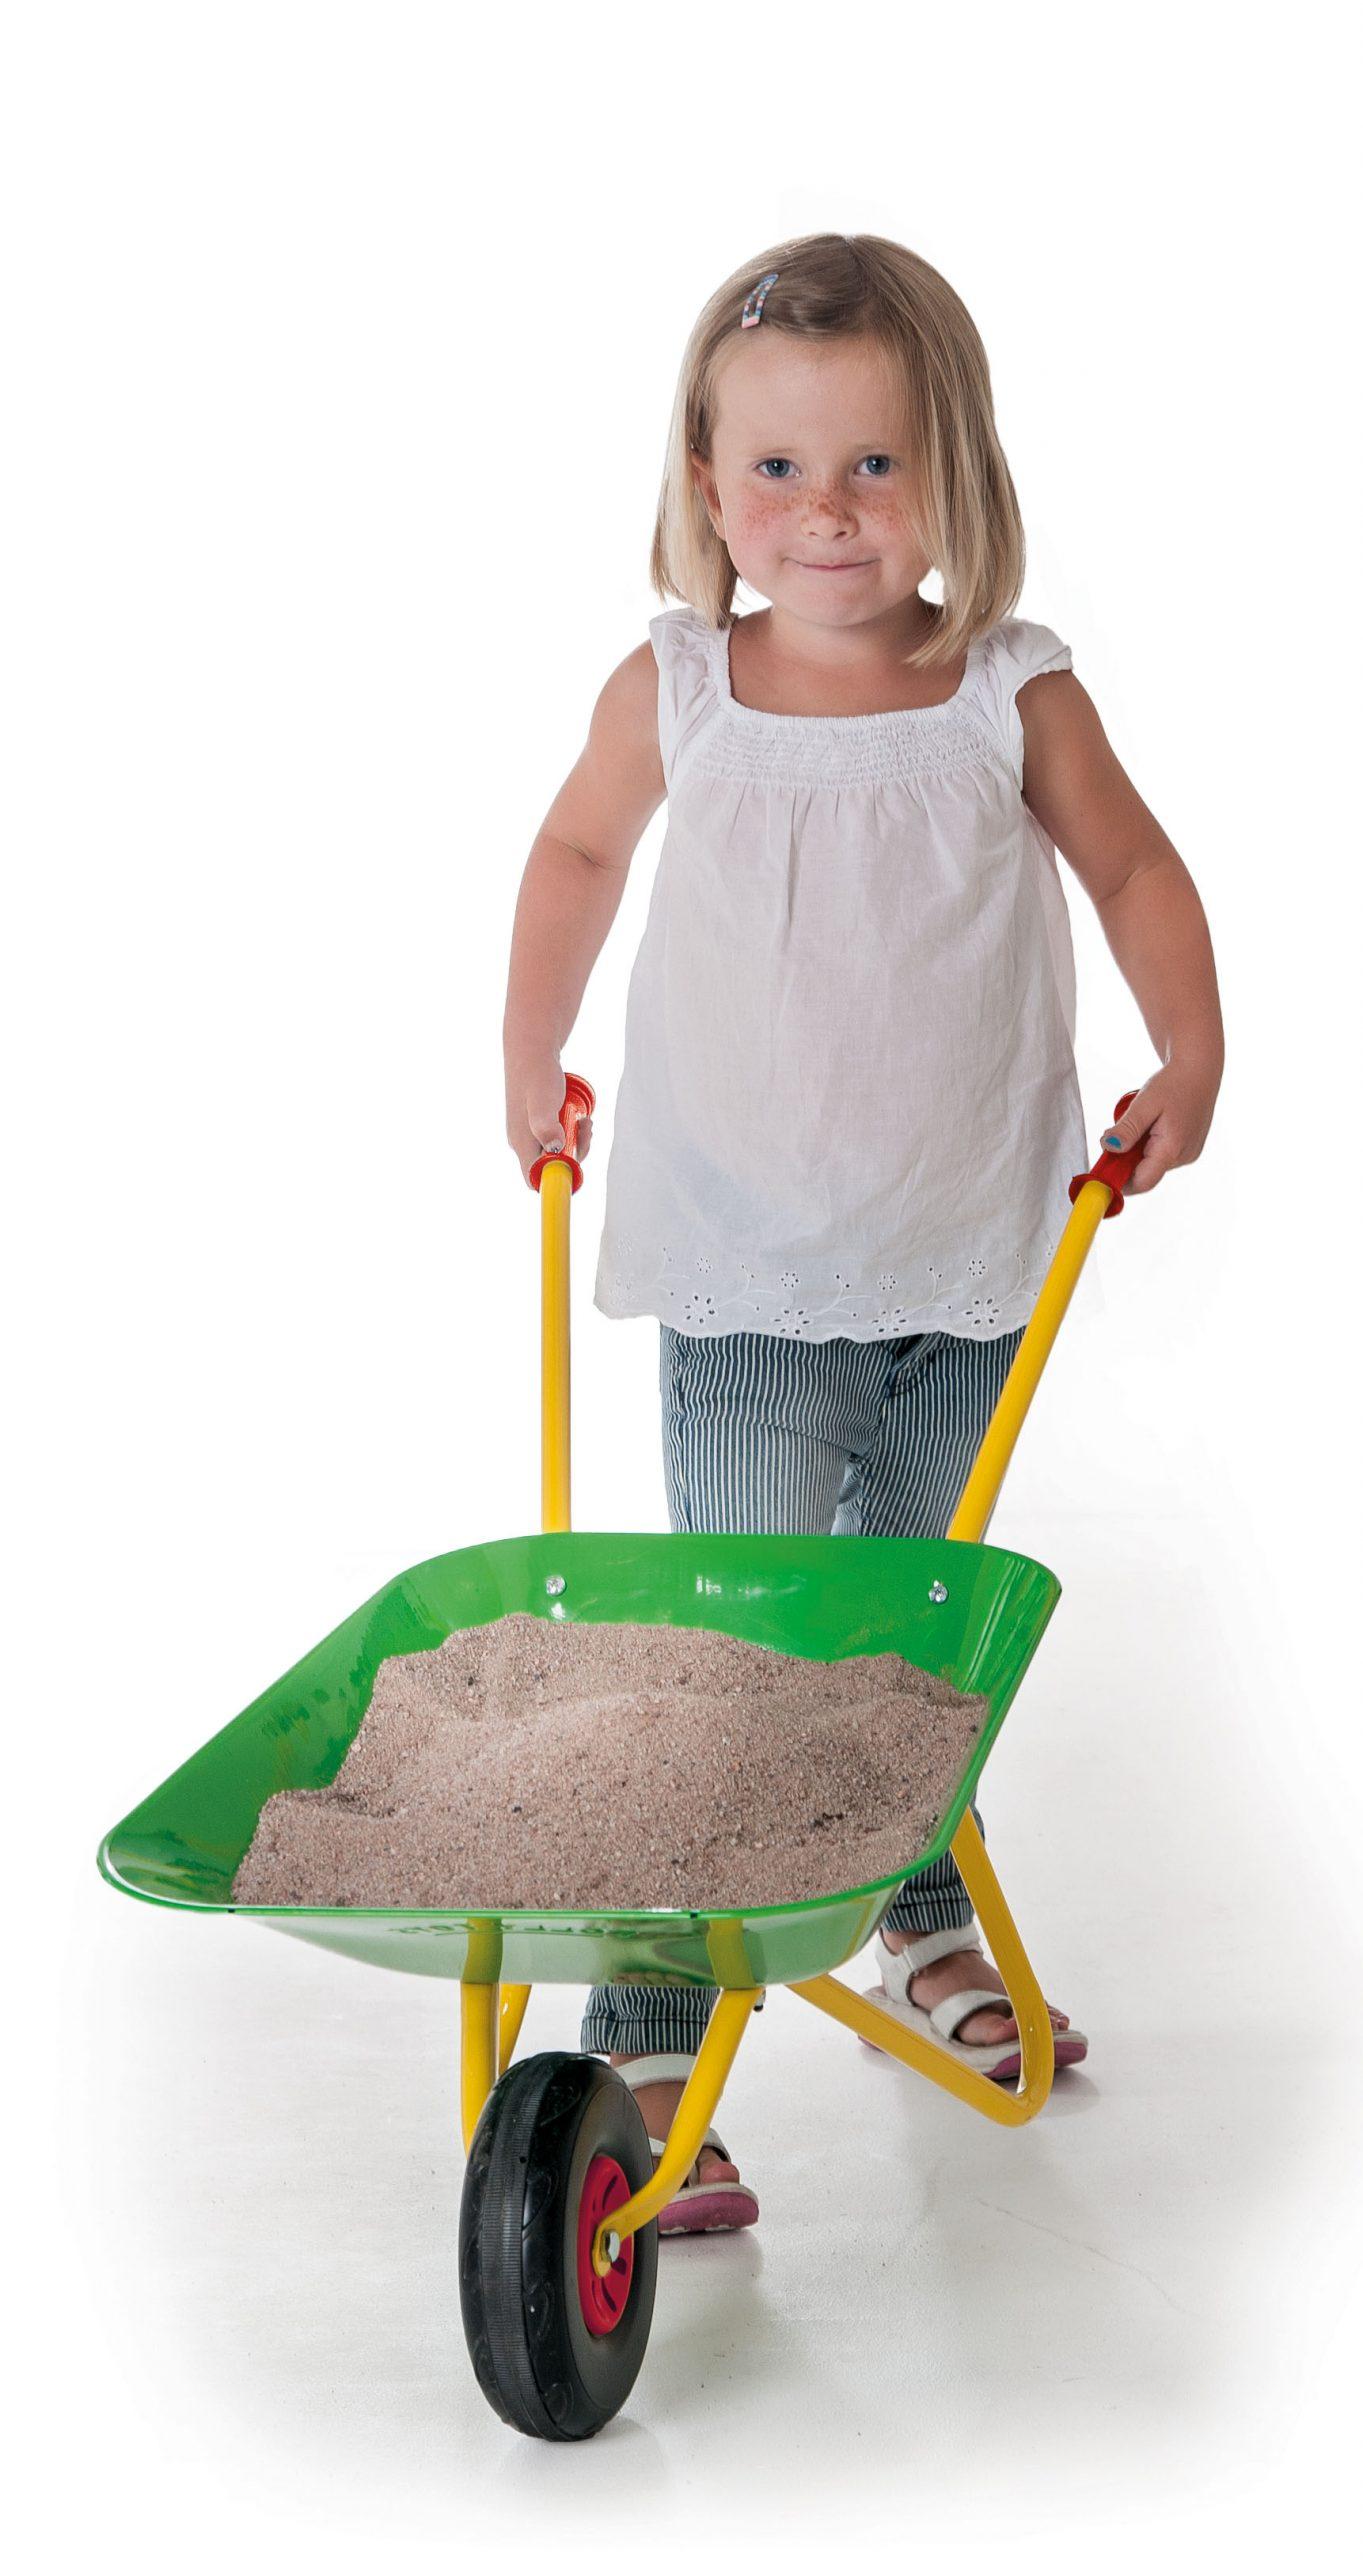 Brouette Verte Pour Enfants concernant Brouette Jardin Enfant